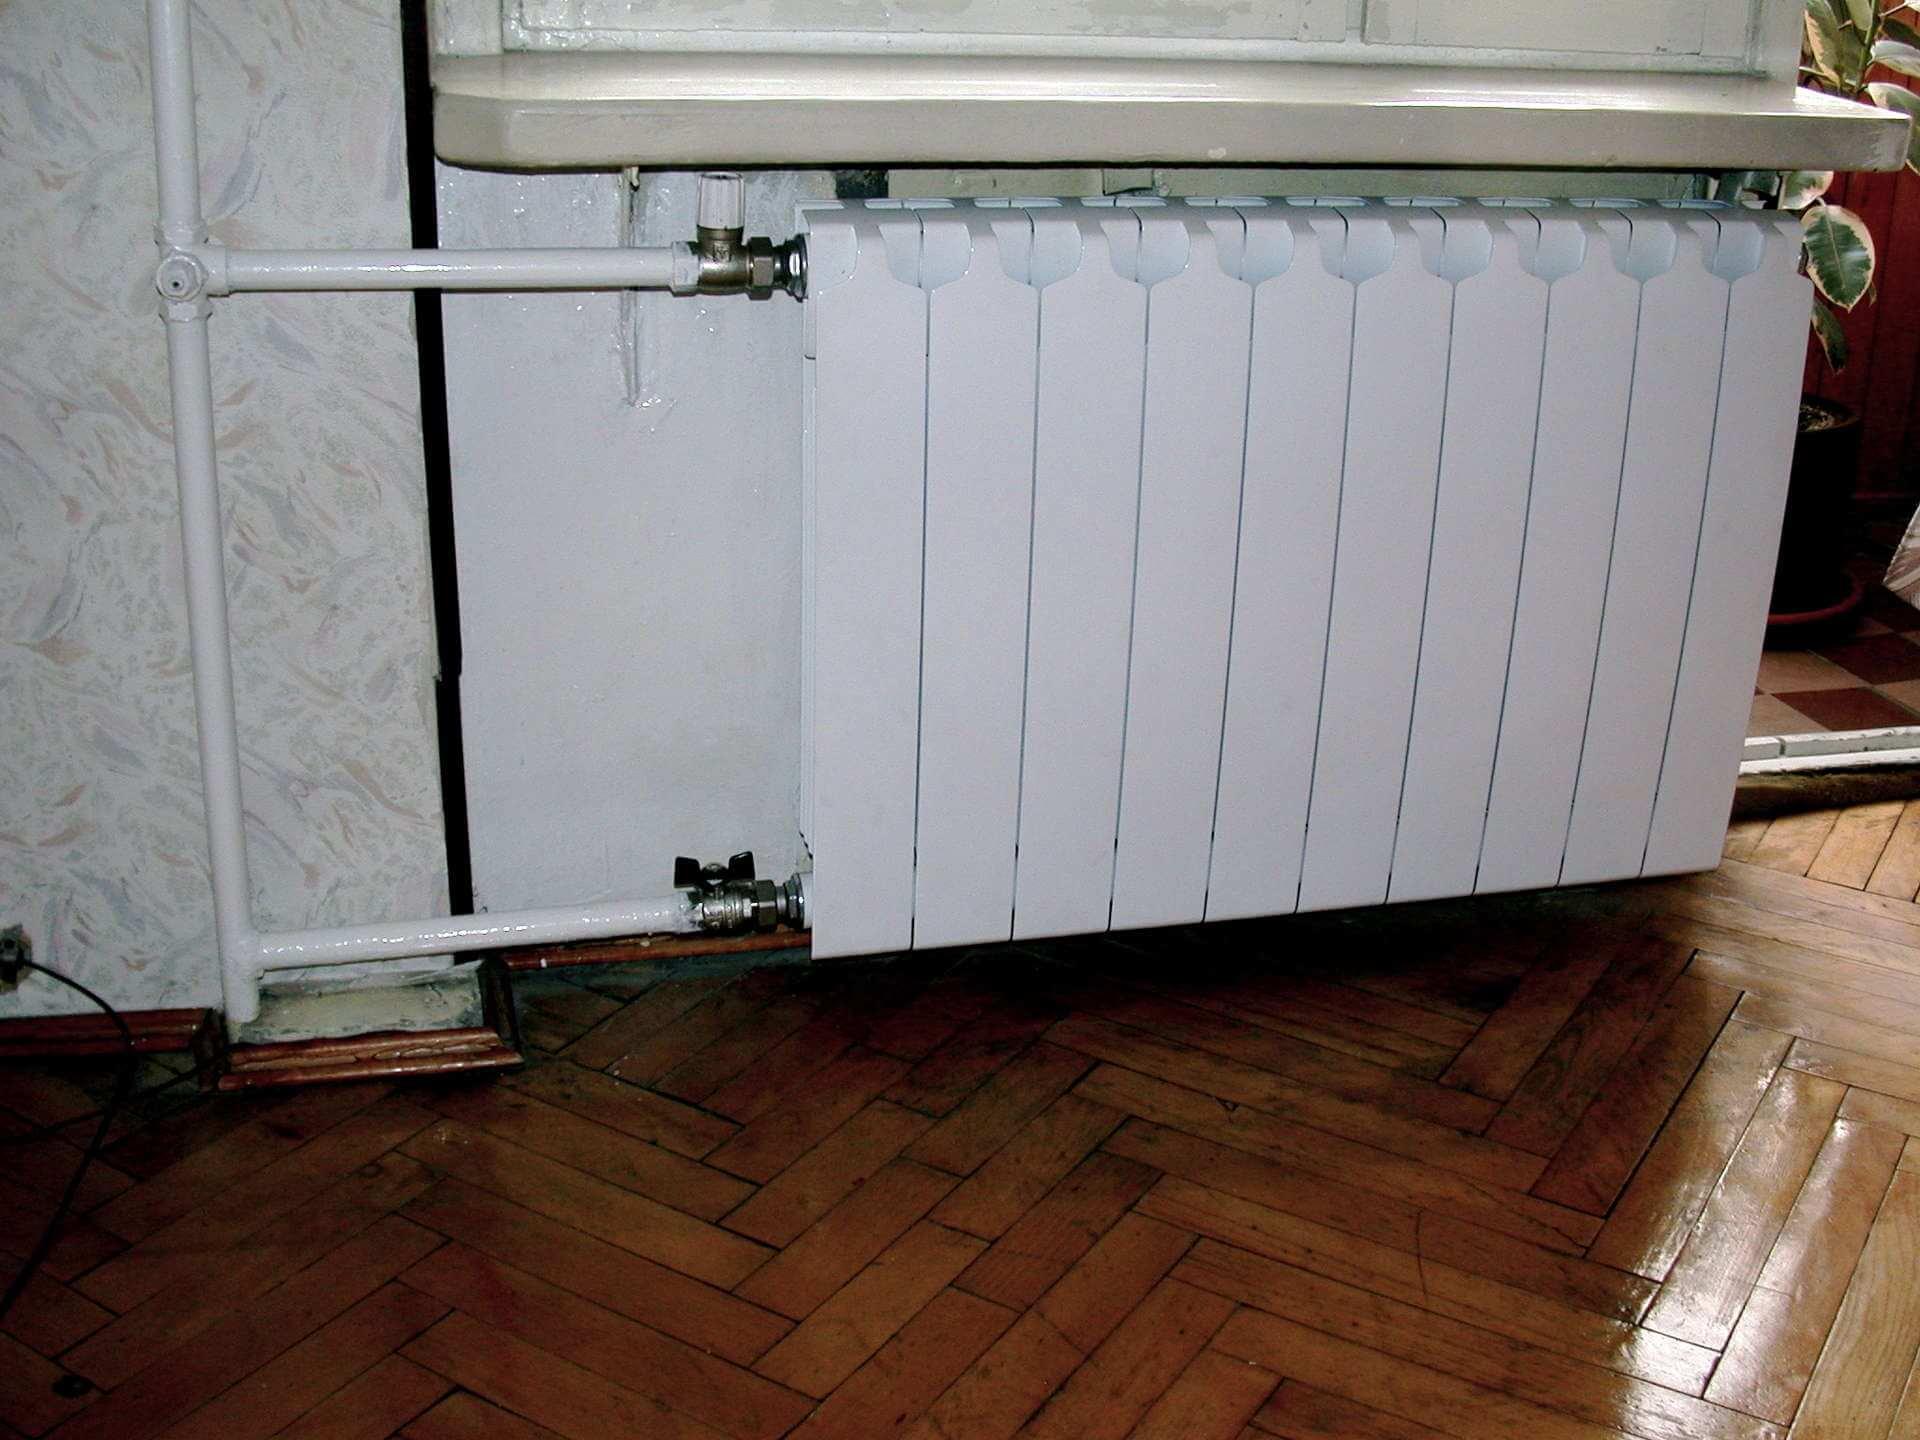 Какой радиатор лучше алюминиевый или биметаллический: плюсы и минусы материалов